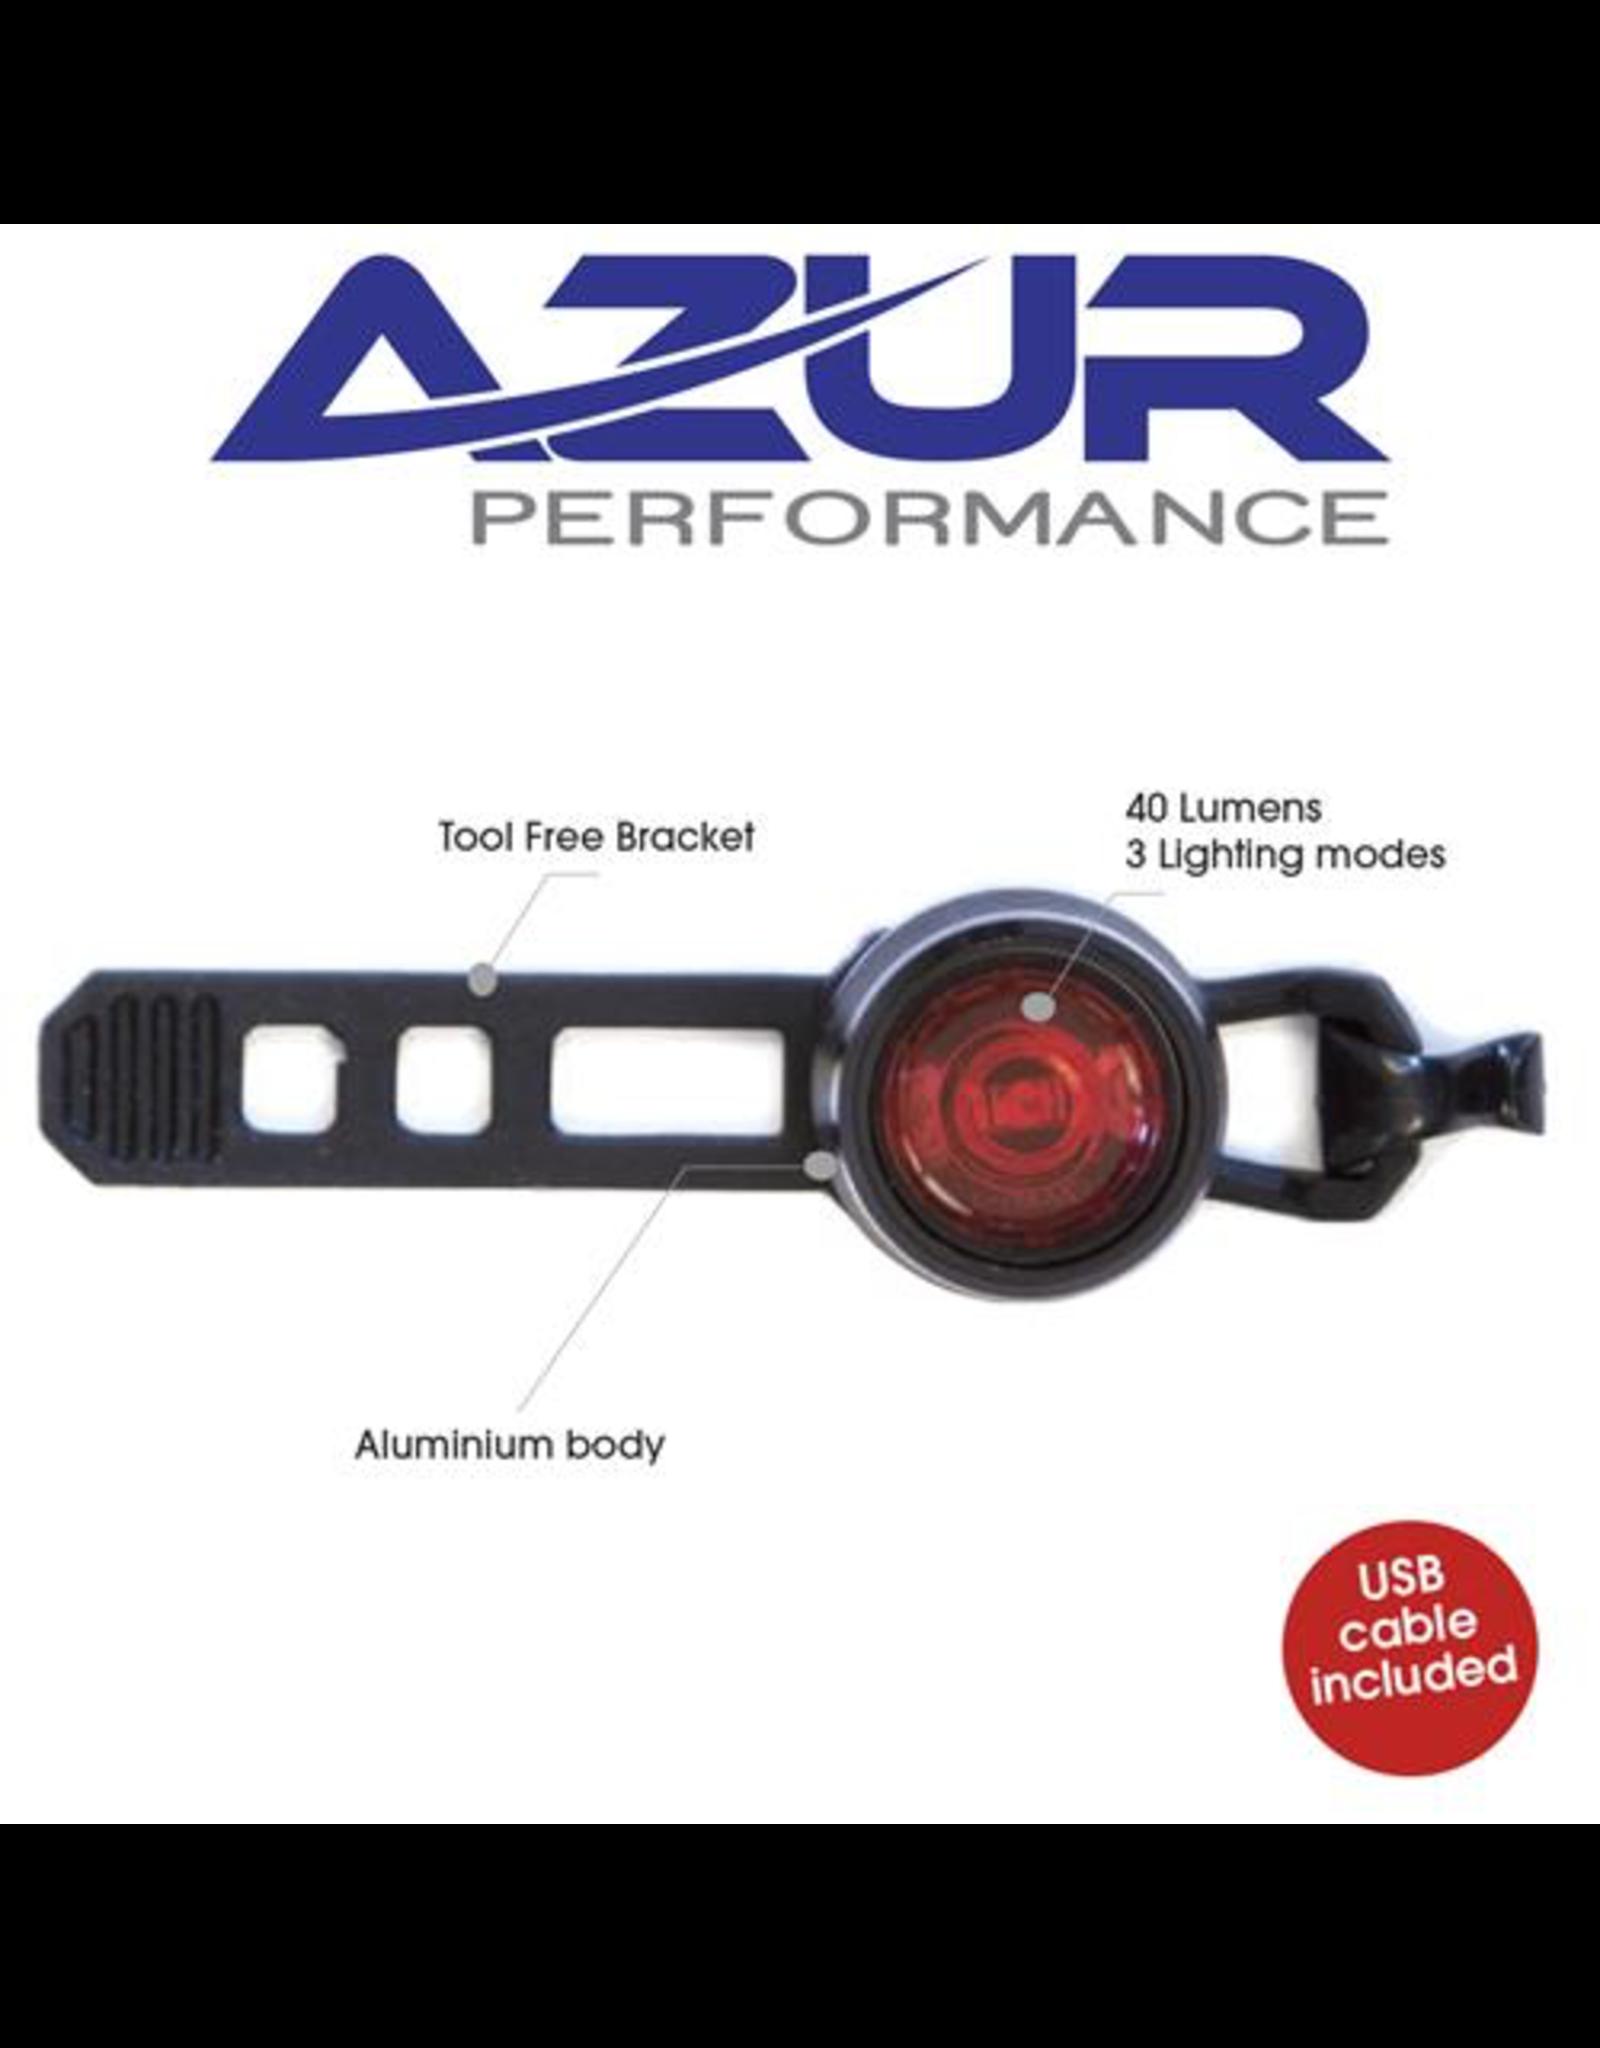 AZUR LIGHT TAIL LIGHT AZUR CYCLOPS USB